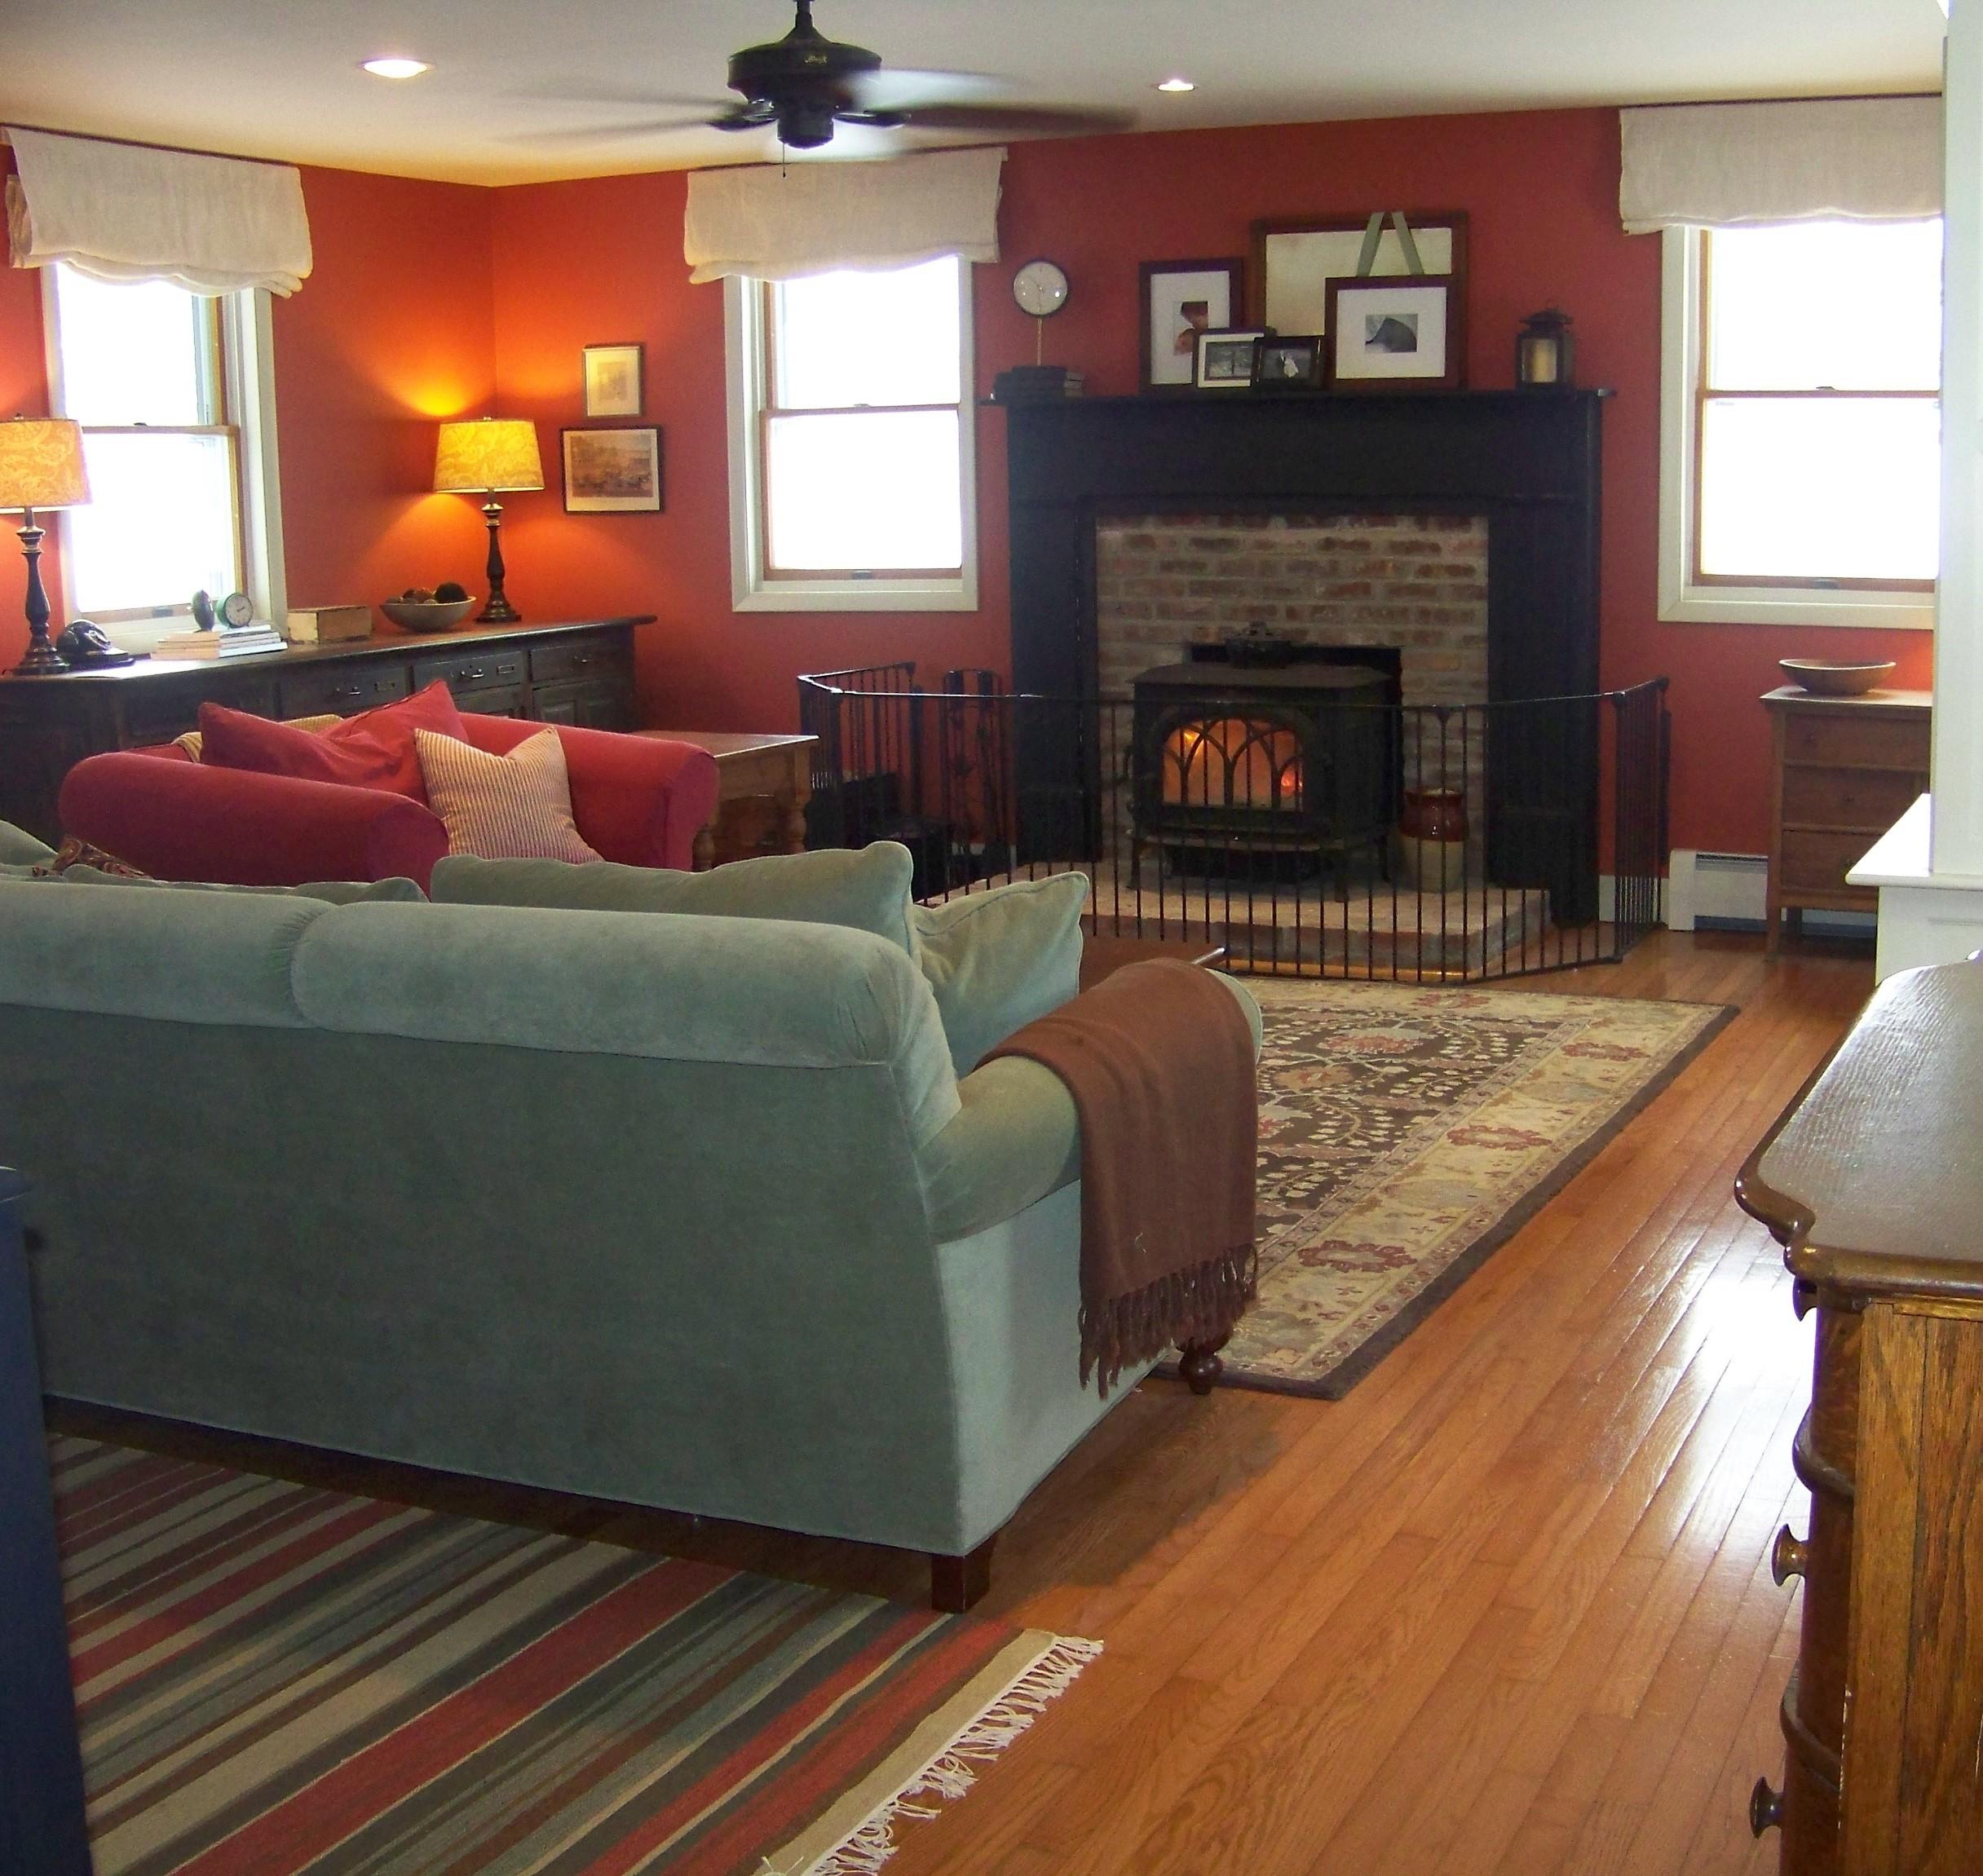 farmhouse living room paint colors zion modern house on colors for farmhouse living room id=17366